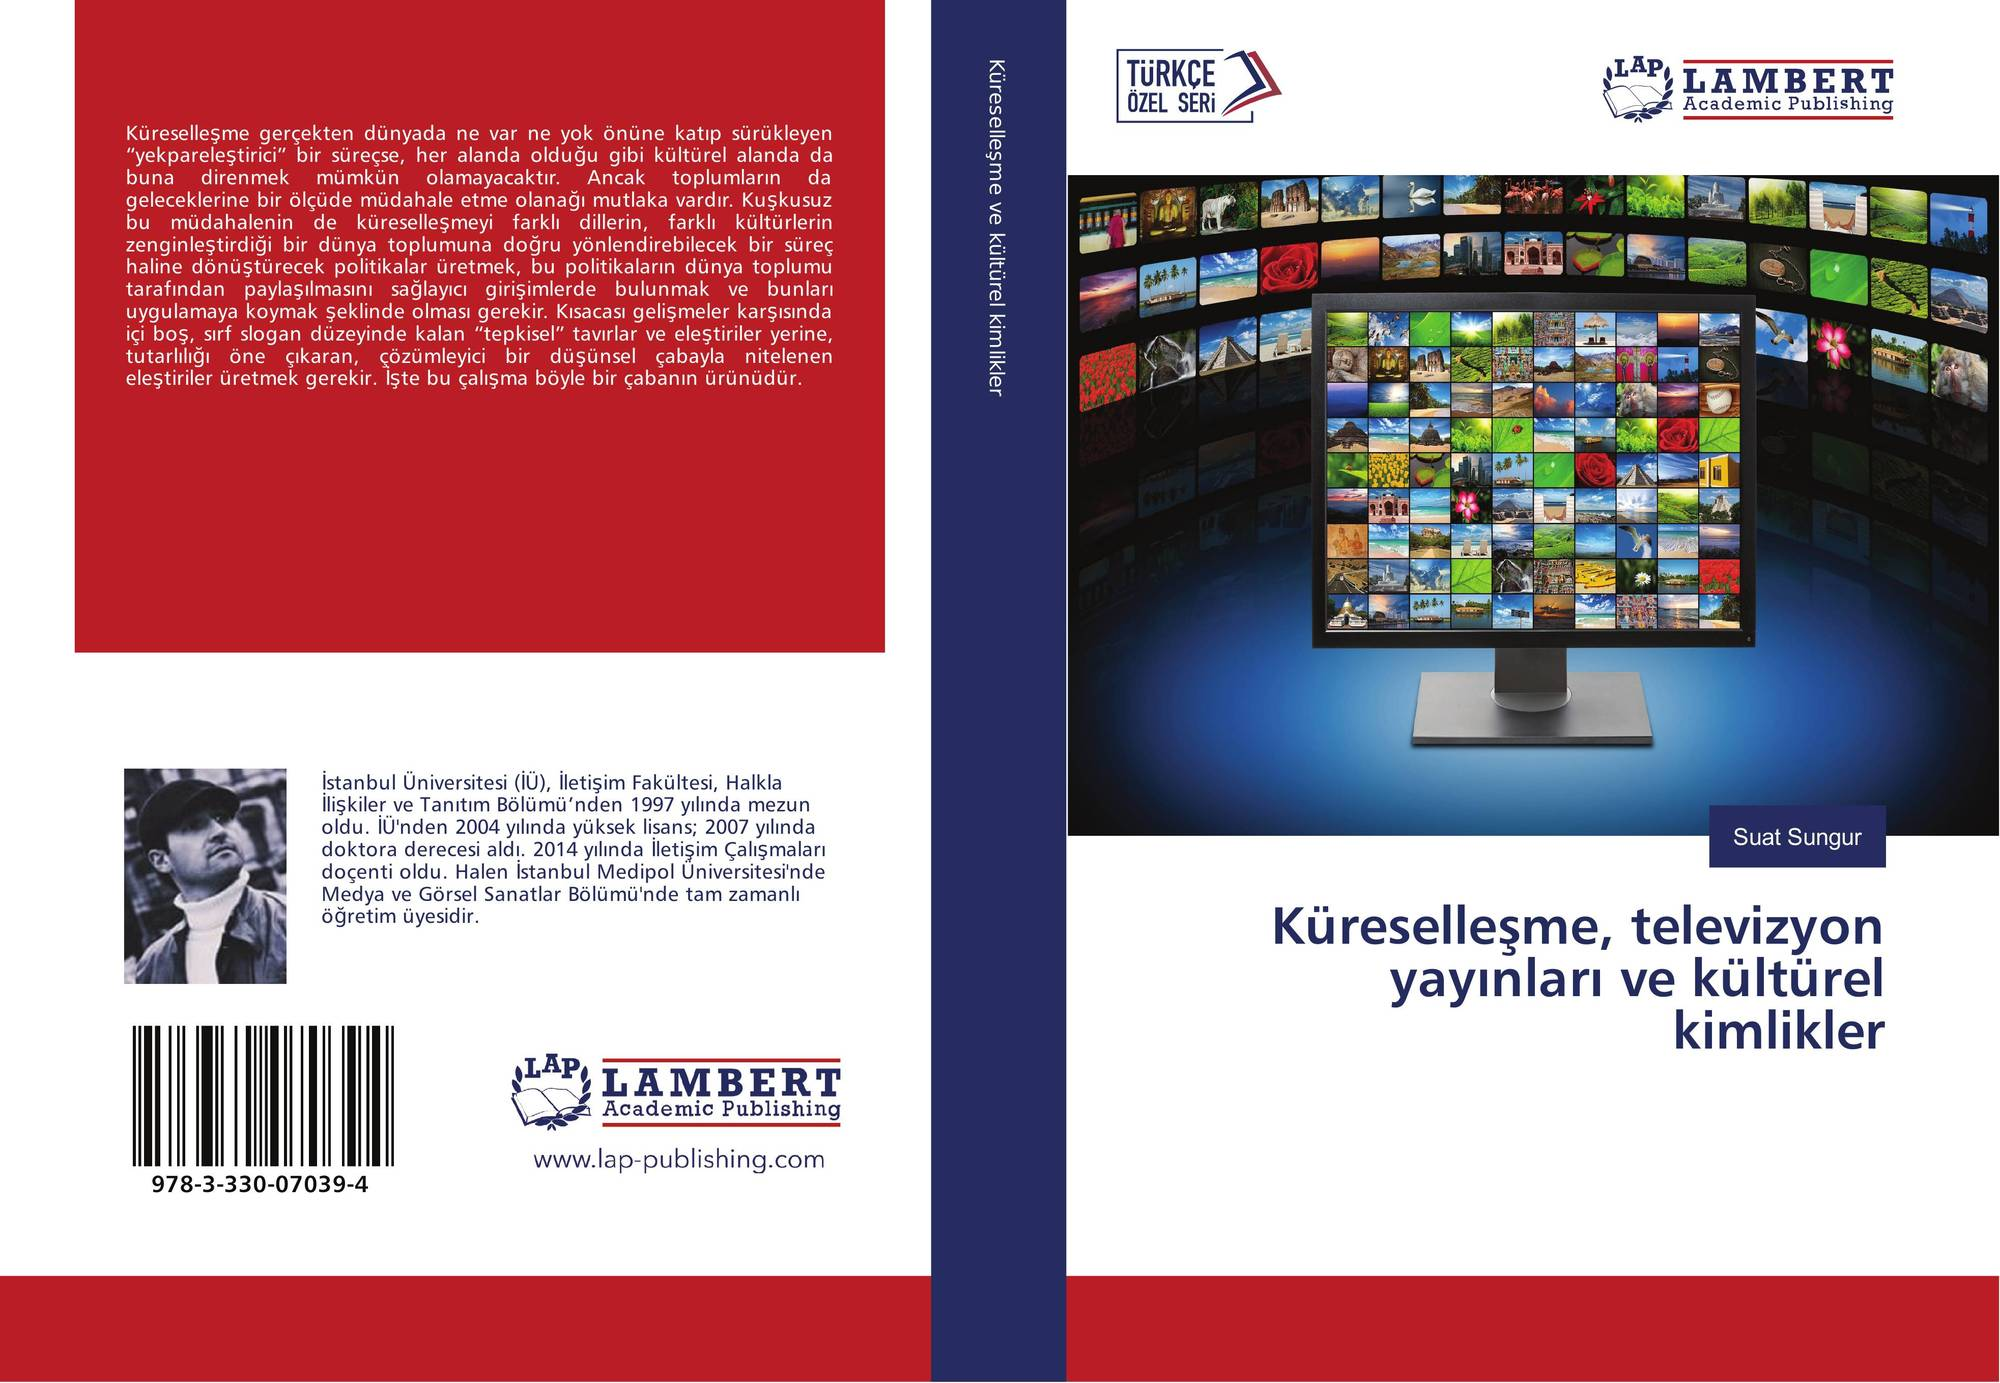 Küreselleşme, televizyon yayınları ve kültürel kimlikler,  978-3-330-07039-4, 3330070390 ,9783330070394 by Suat Sungur